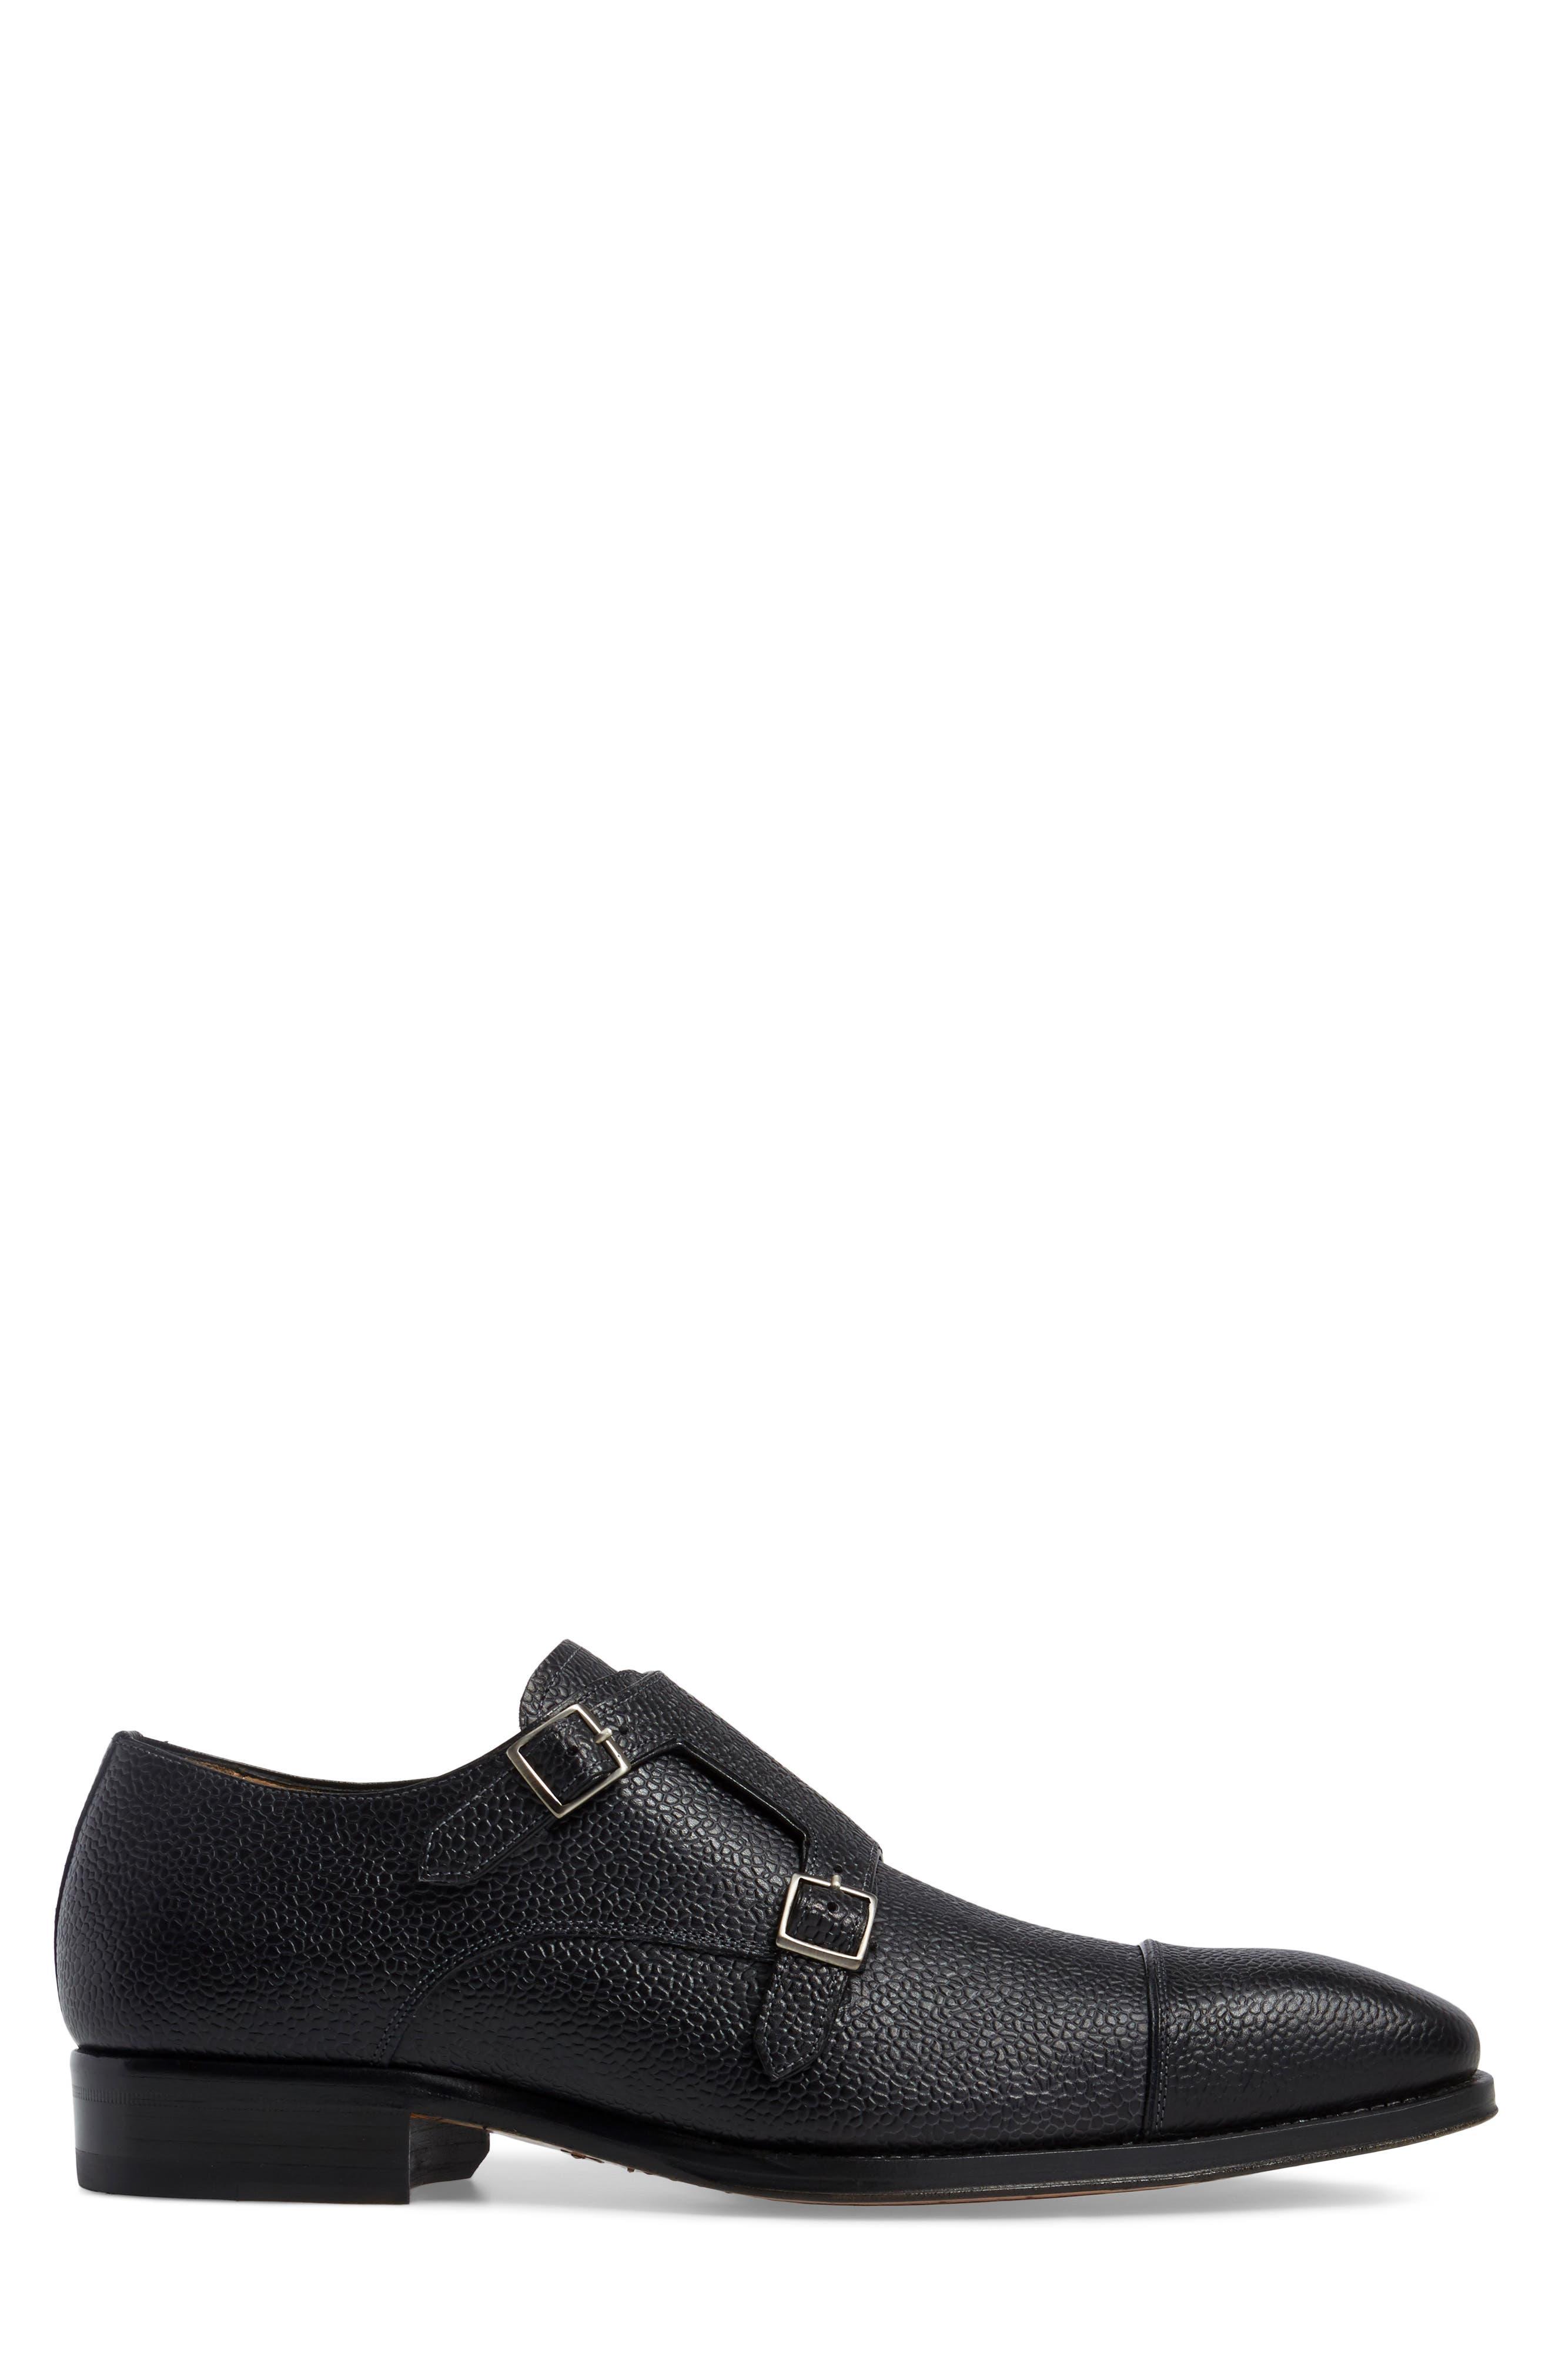 Lubrin Double Monk Strap Shoe,                             Alternate thumbnail 3, color,                             BLACK LEATHER